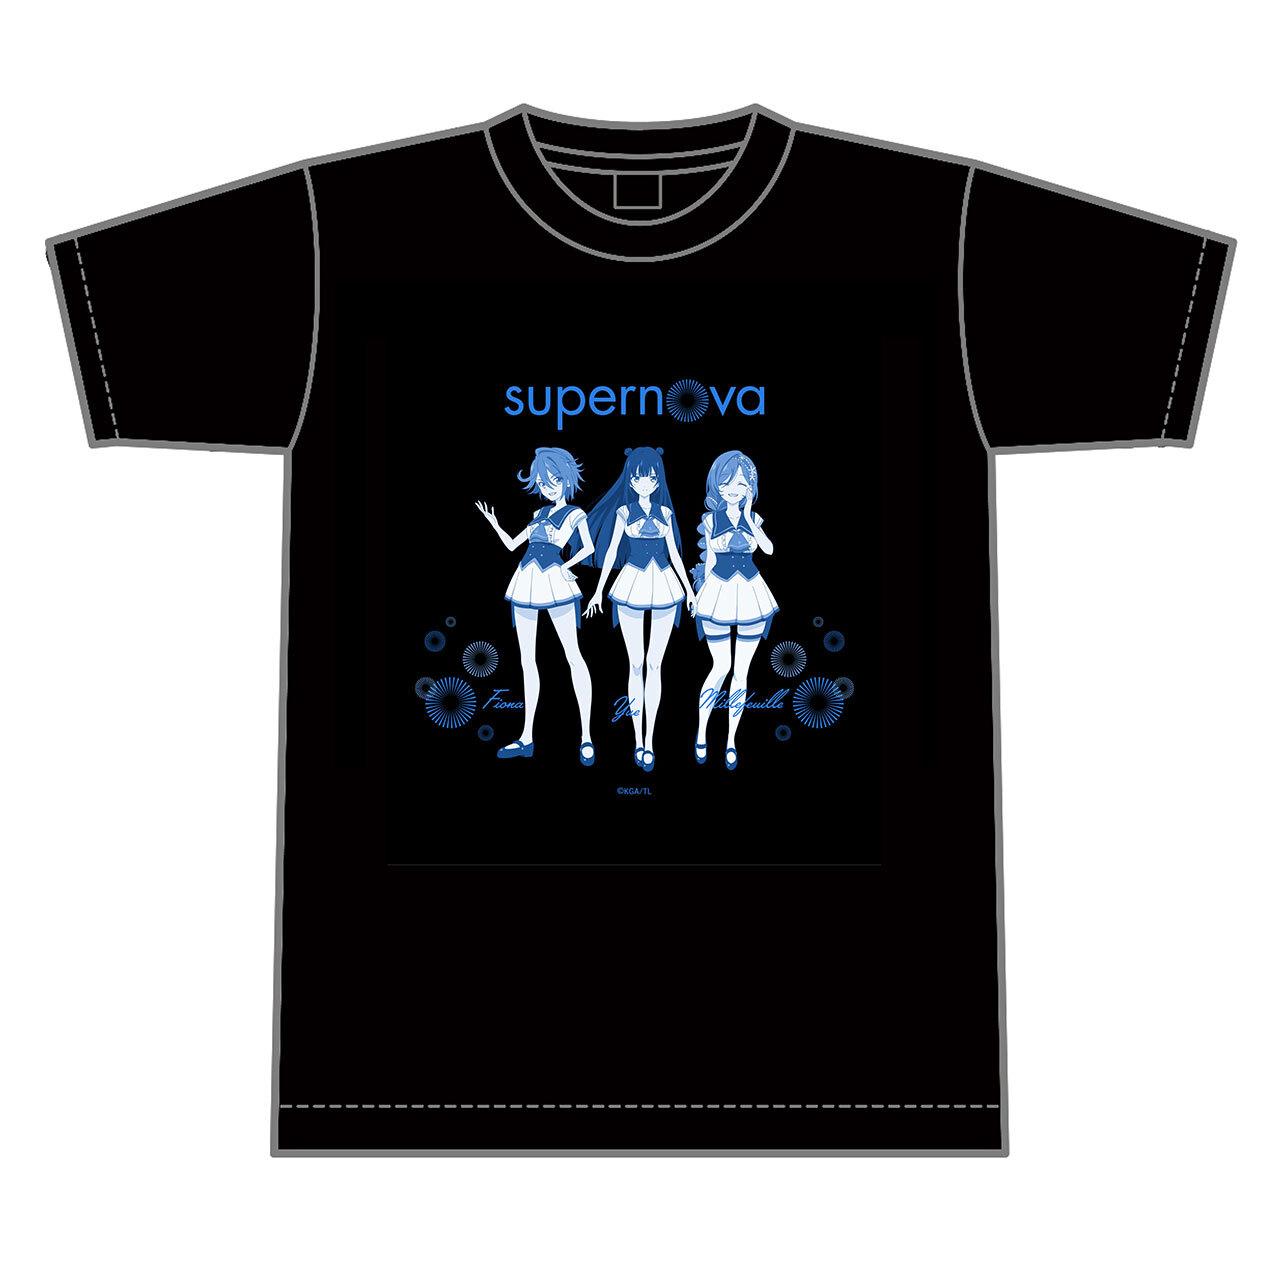 【4589839354653予】ラピスリライツ supernova Tシャツ 黒/Lサイズ